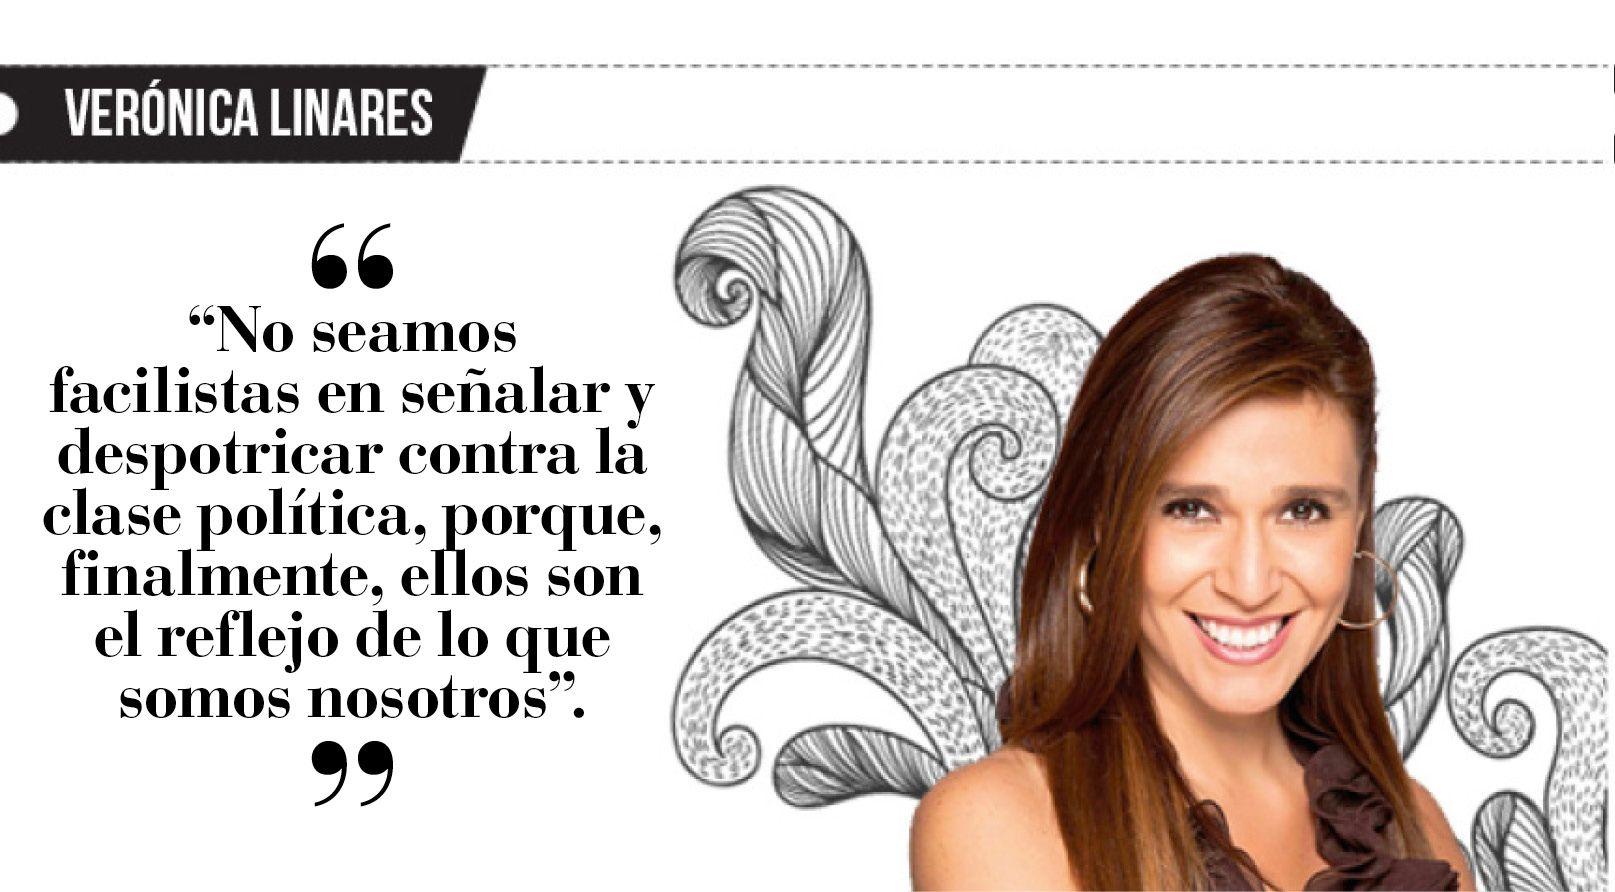 Verónica Linares: Soy corrupta